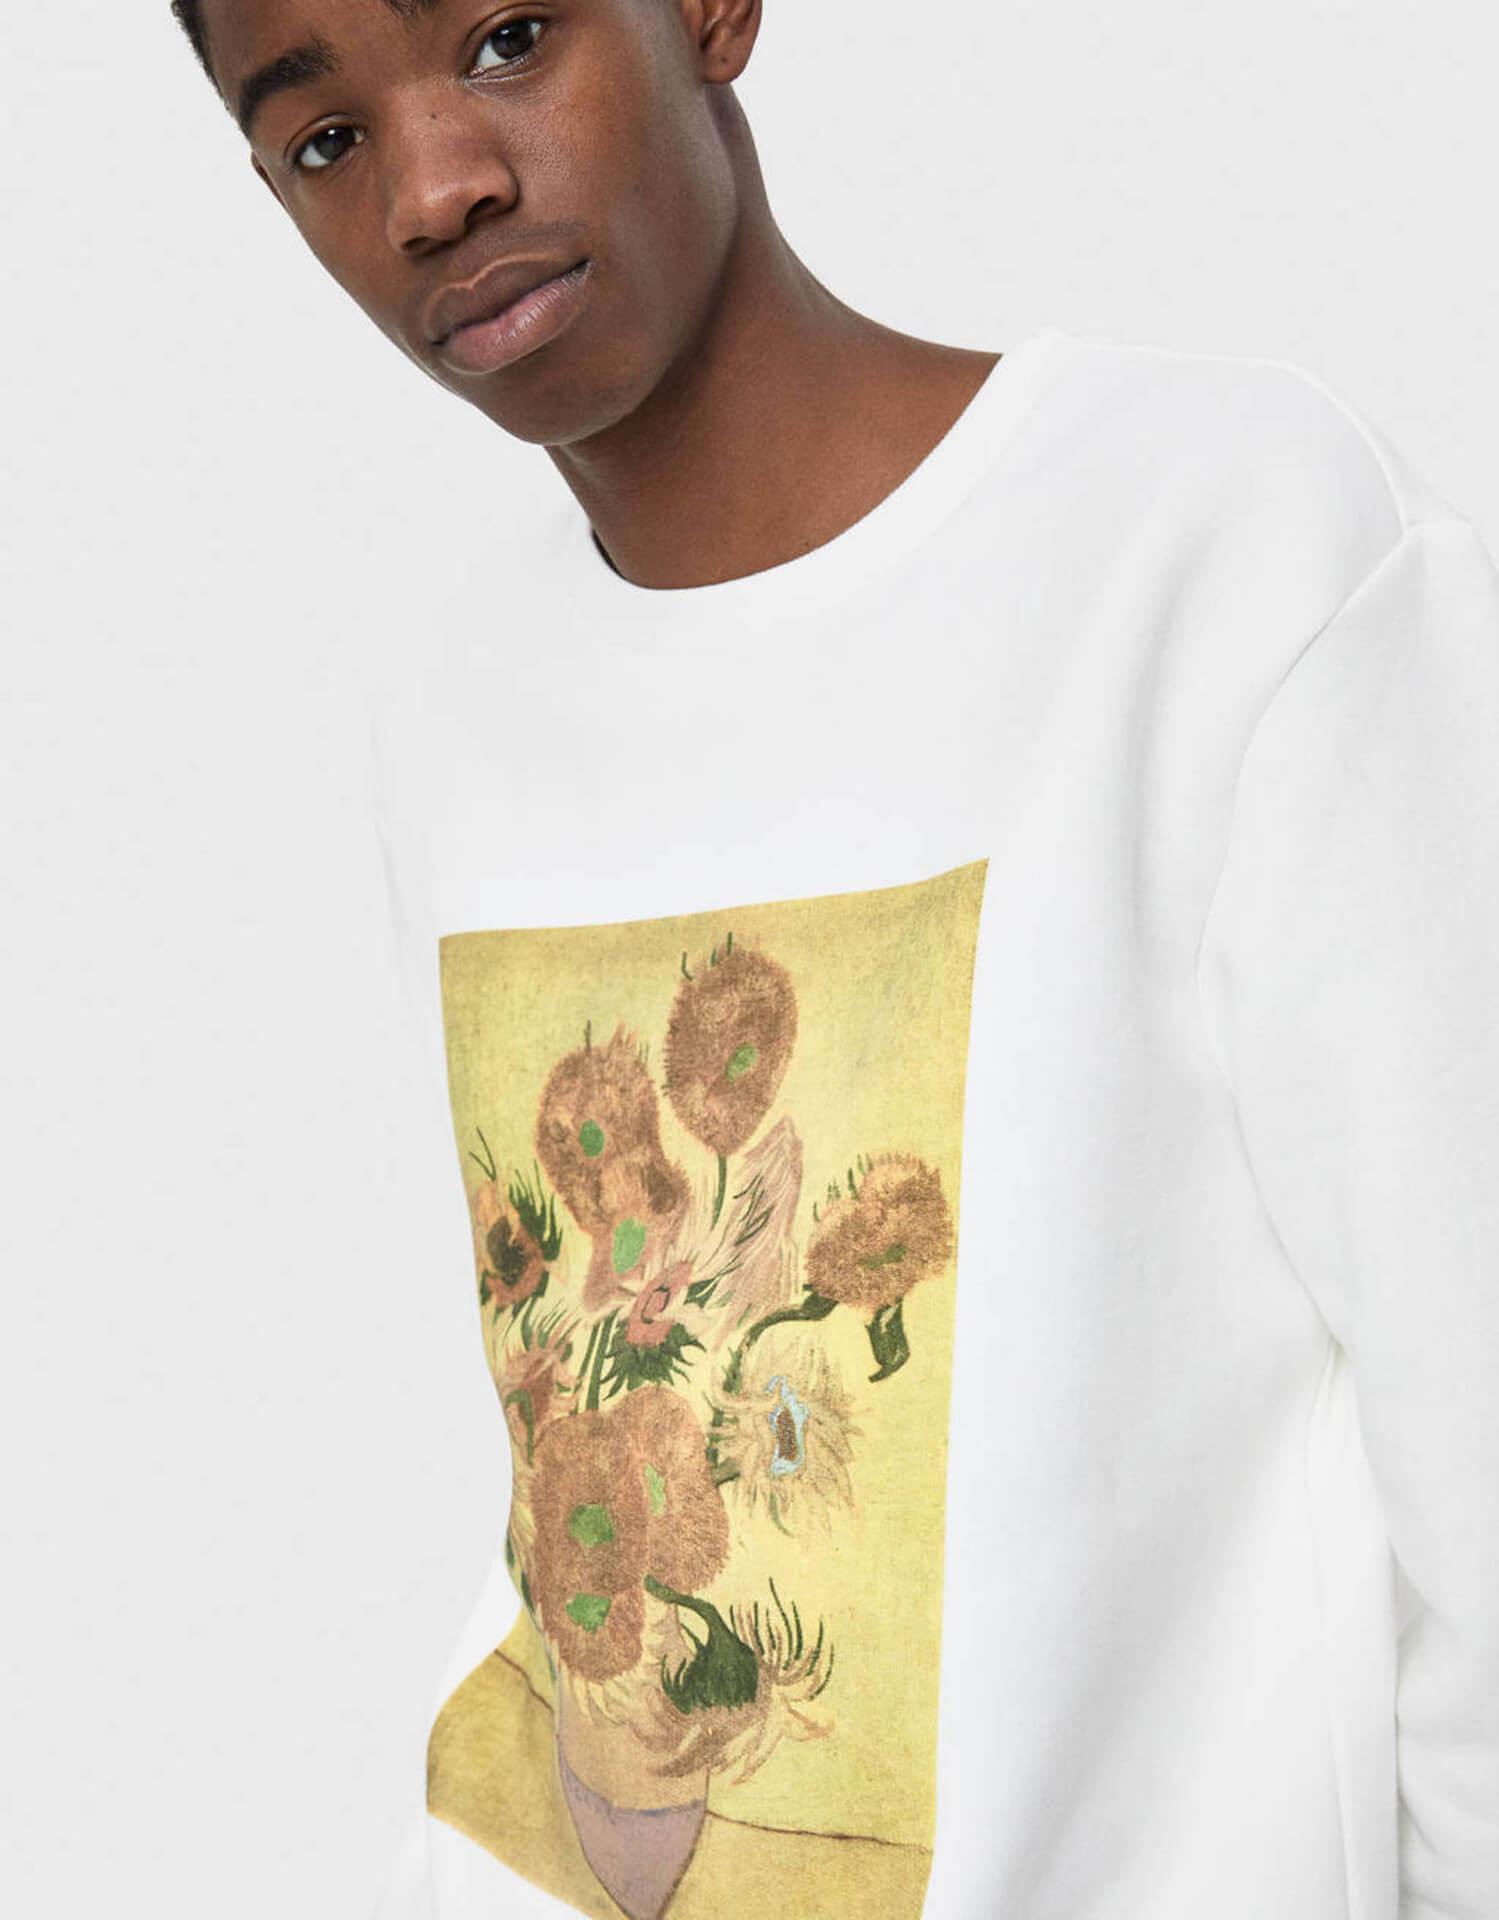 ゴッホ×Bershka 名作『ひまわり』や自画像をプリントしたスウェット、シャツが発売決定! lifefashion191017_bershkagogh_04